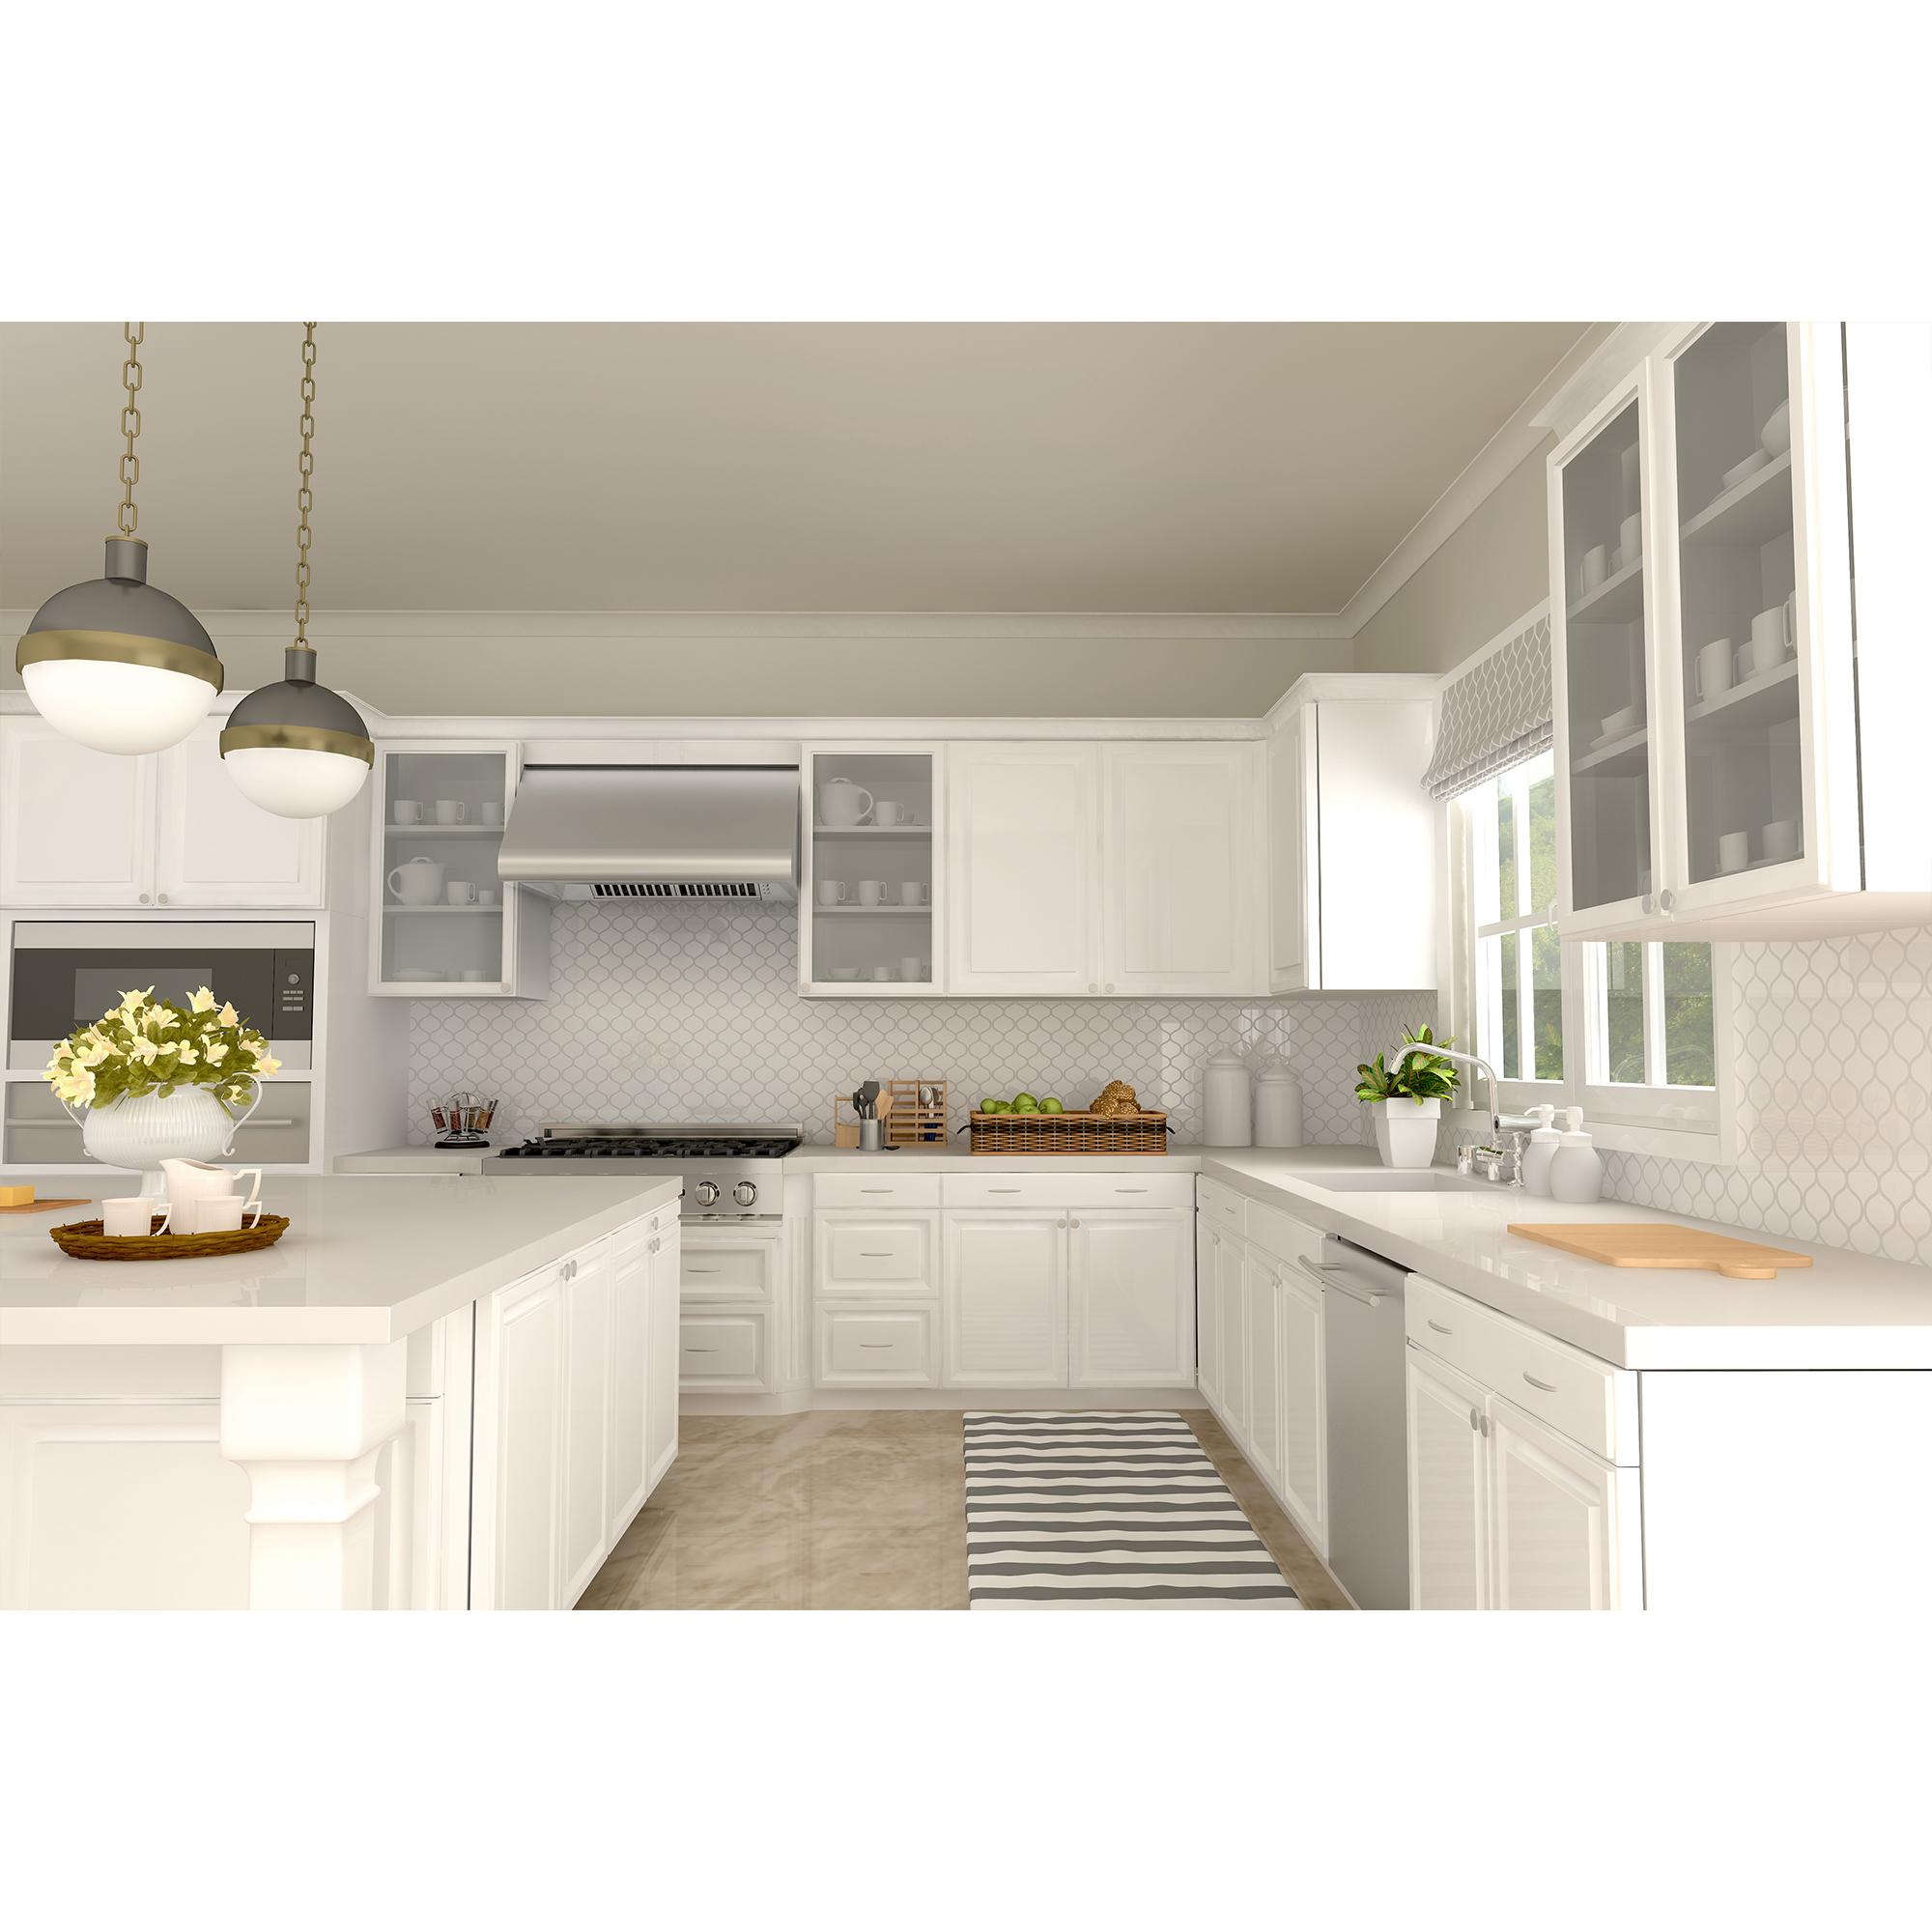 zline-stainless-steel-under-cabinet-range-hood-527-kitchen-updated.jpg